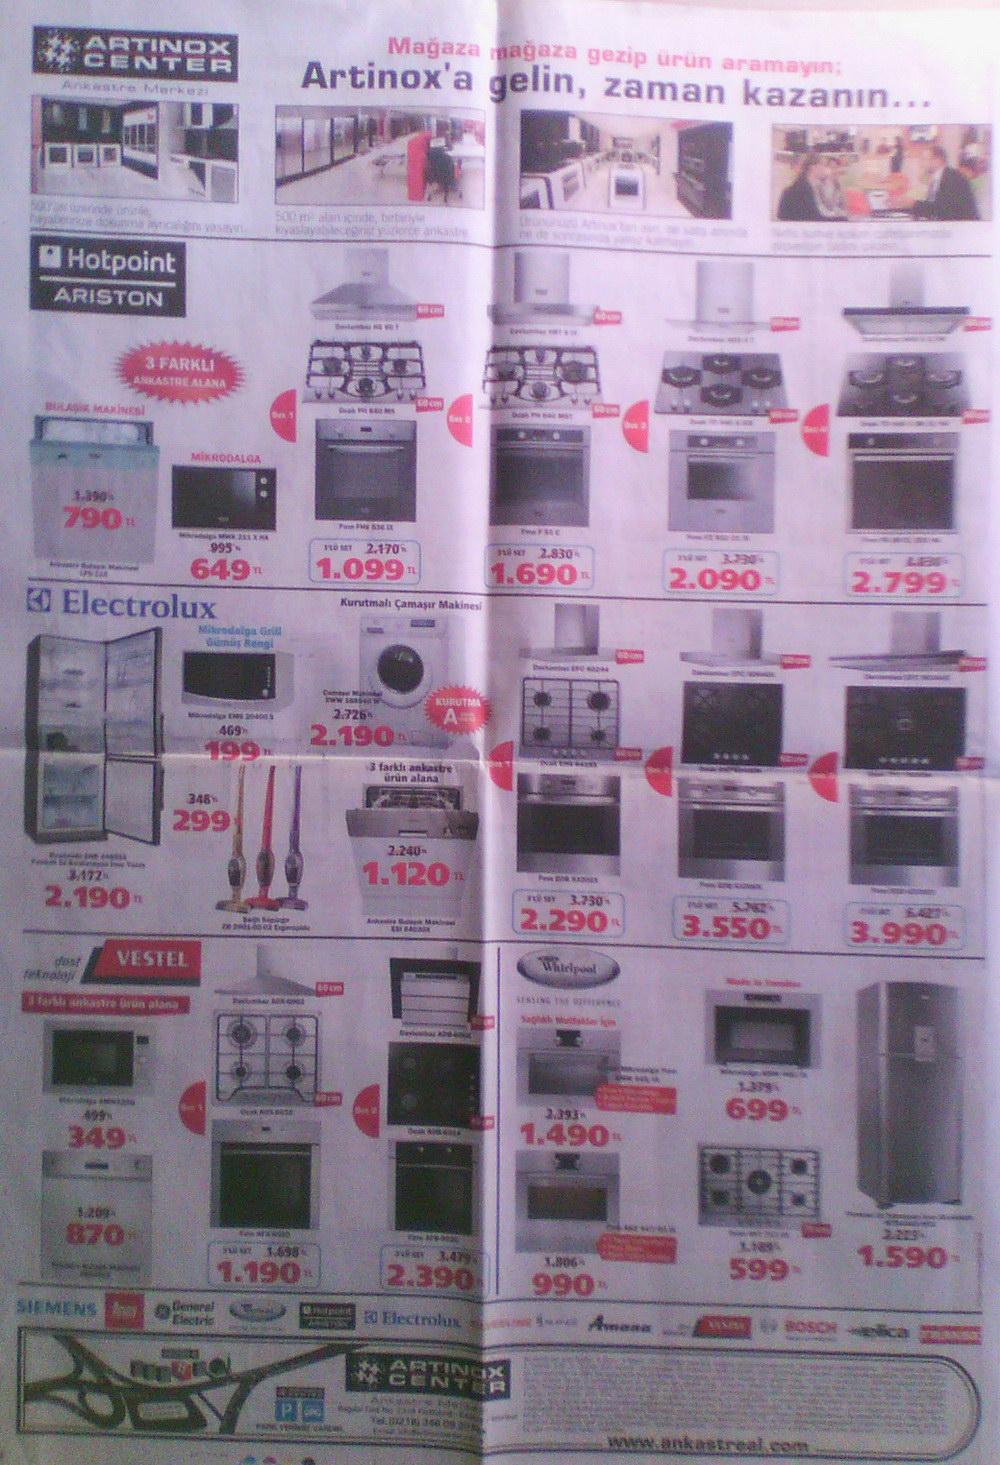 Kelebek eki sayfa 2/2 - 08/10/2011